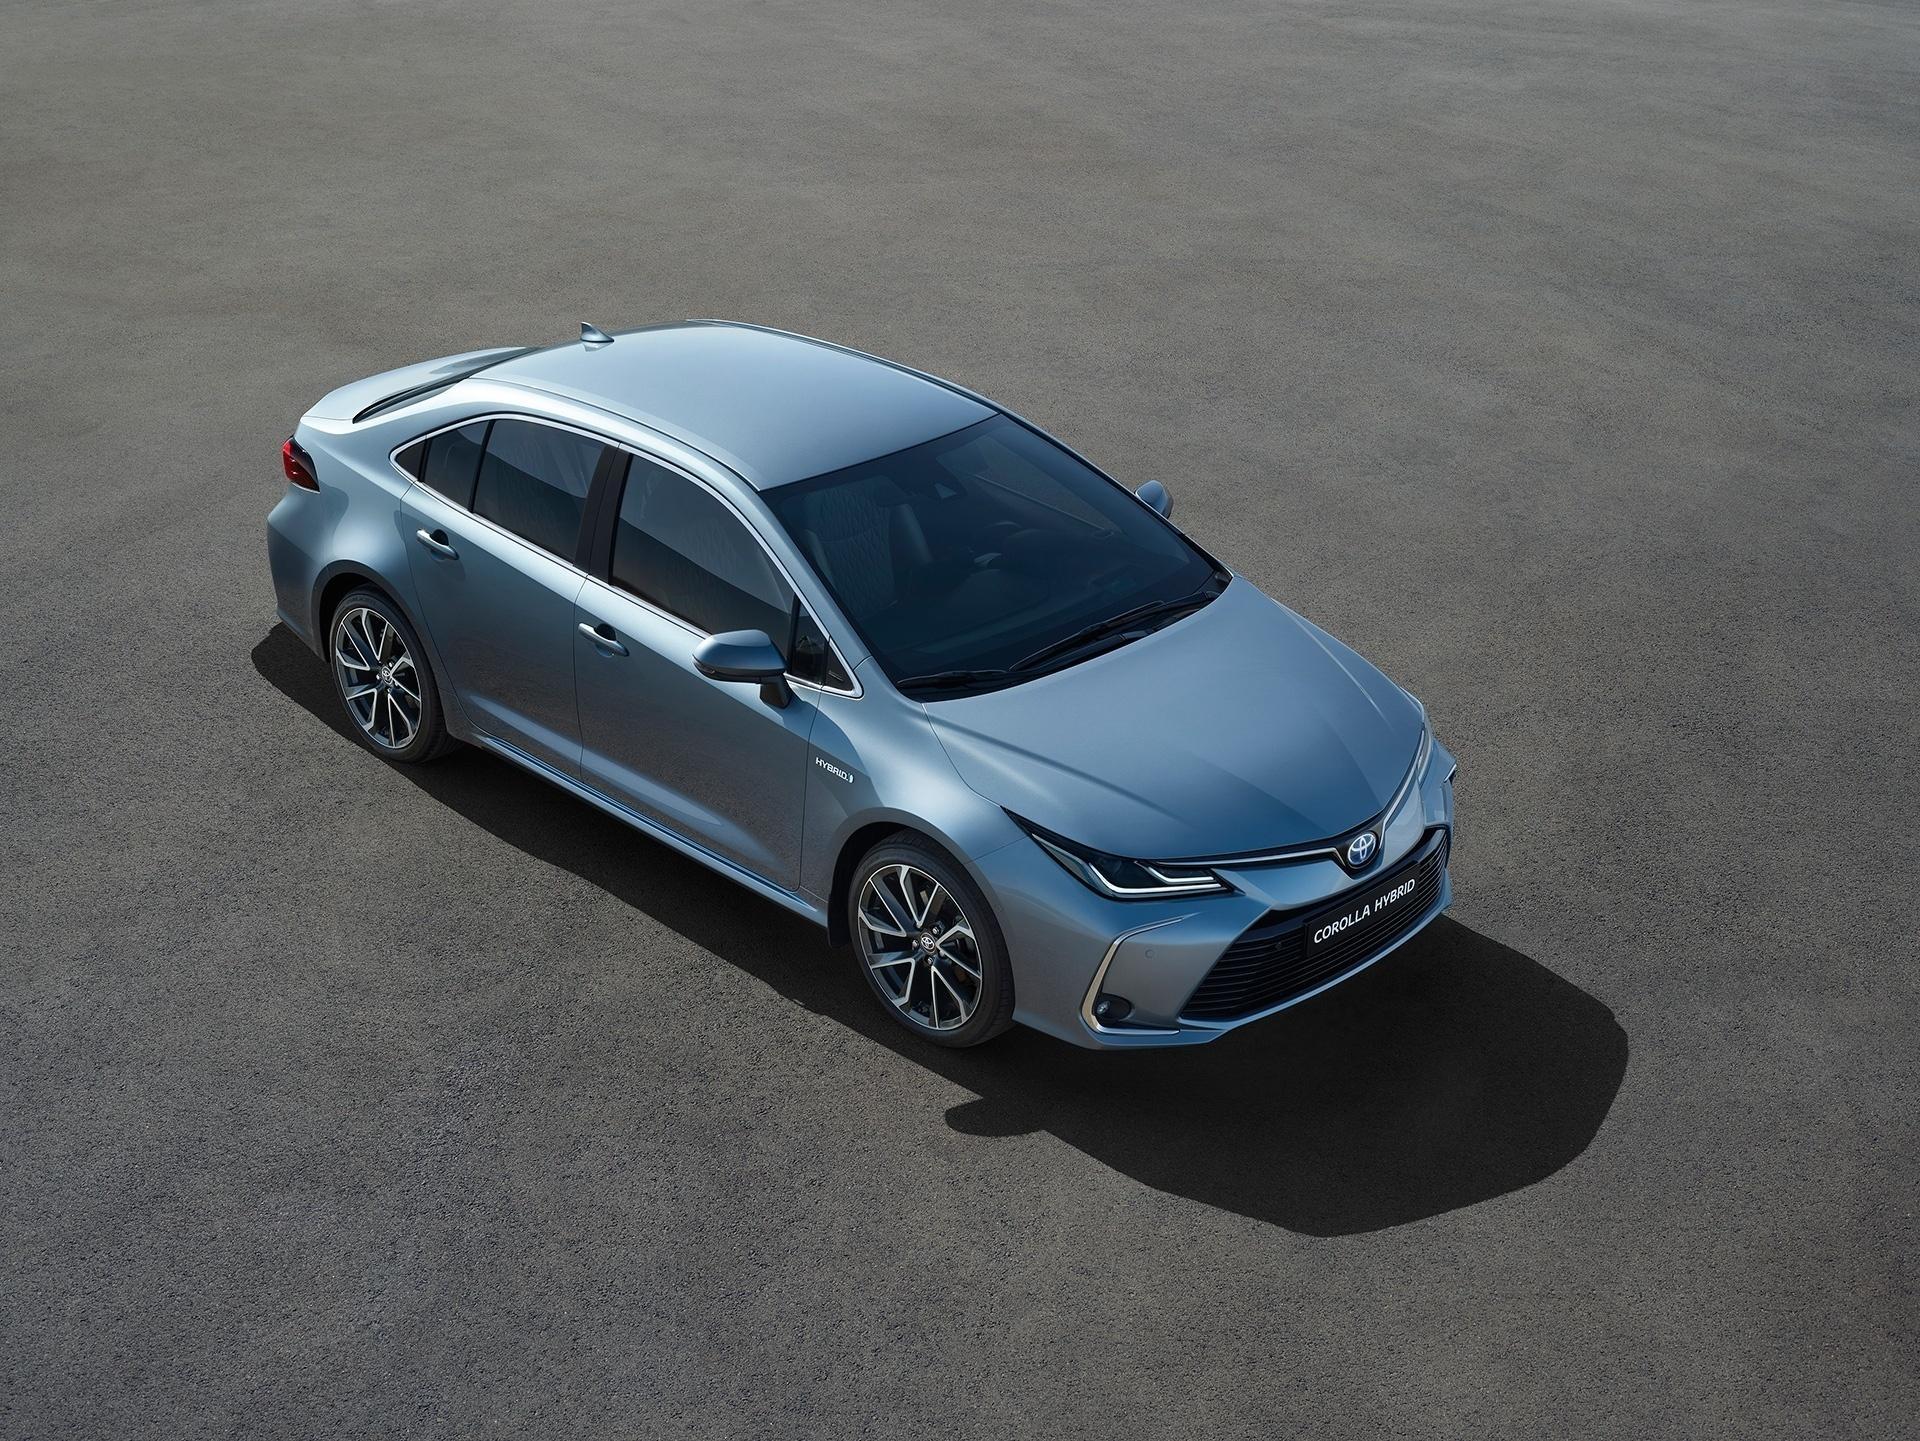 Carros Usados Toyota >> Cacador De Carros Toyota Corolla E O Destaque No Mercado De Usados